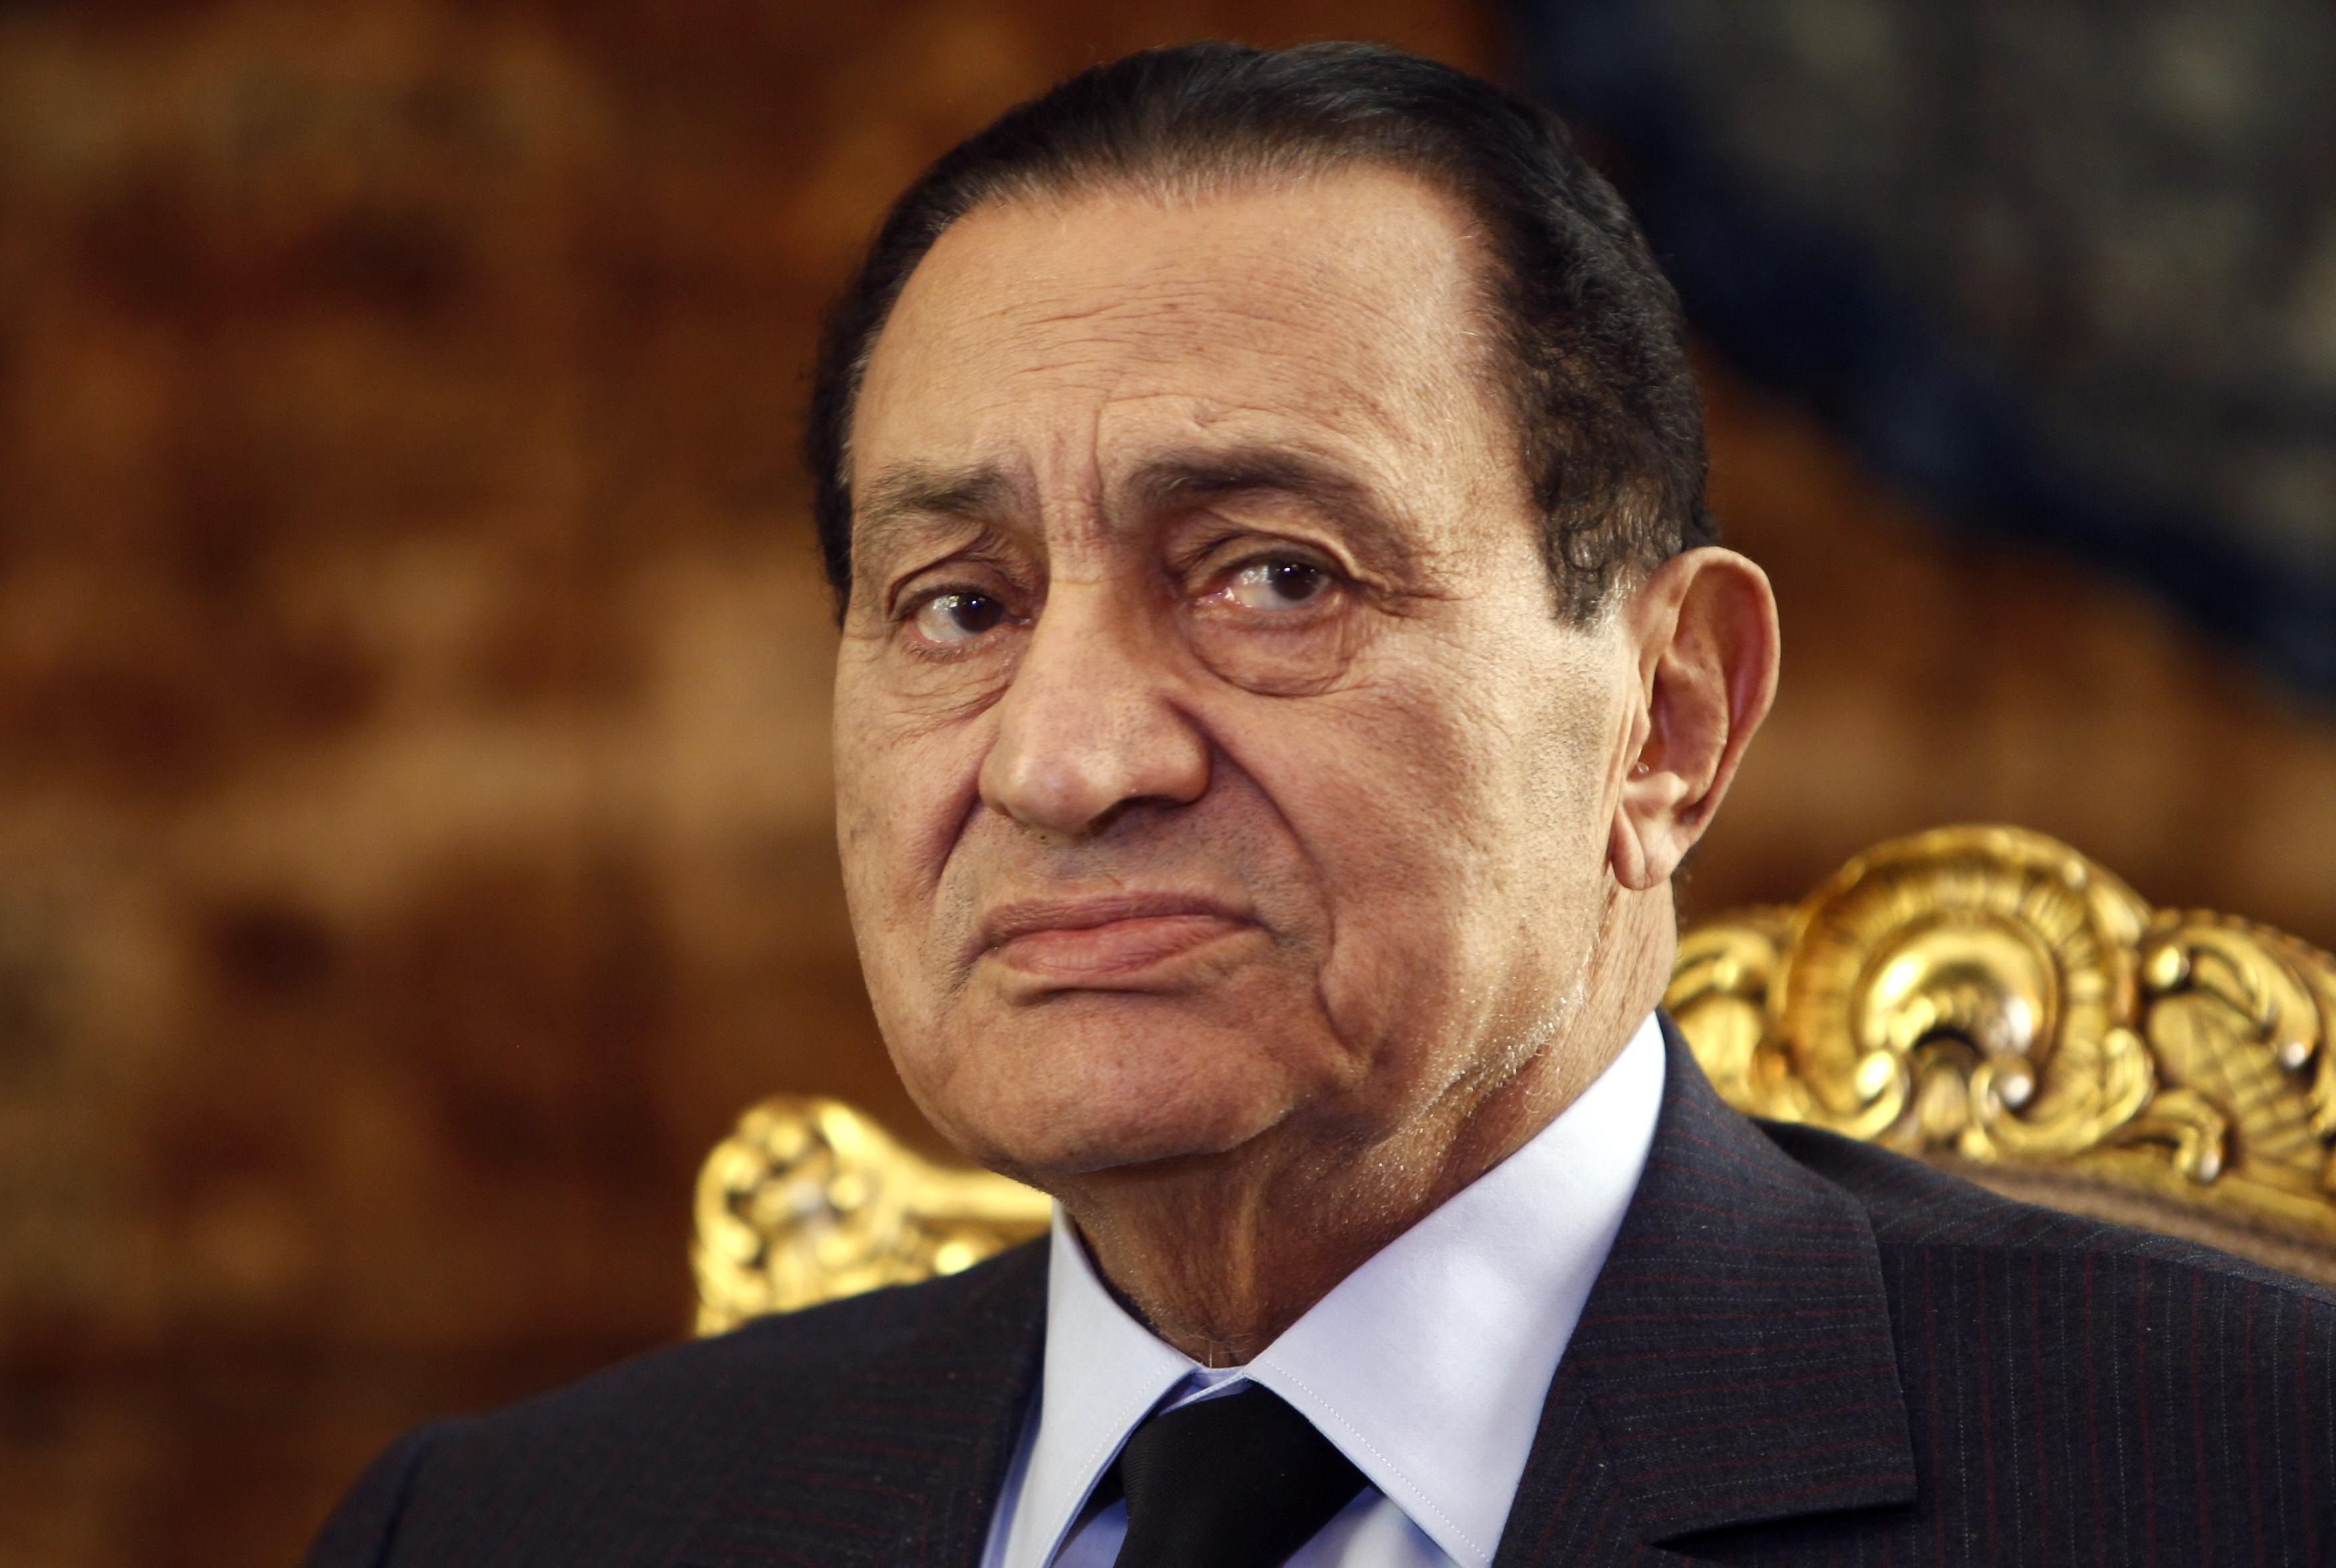 Αθώος ο Μουμπάρακ για δολοφονίες διαδηλωτών και υποθέσεις διαφθοράς